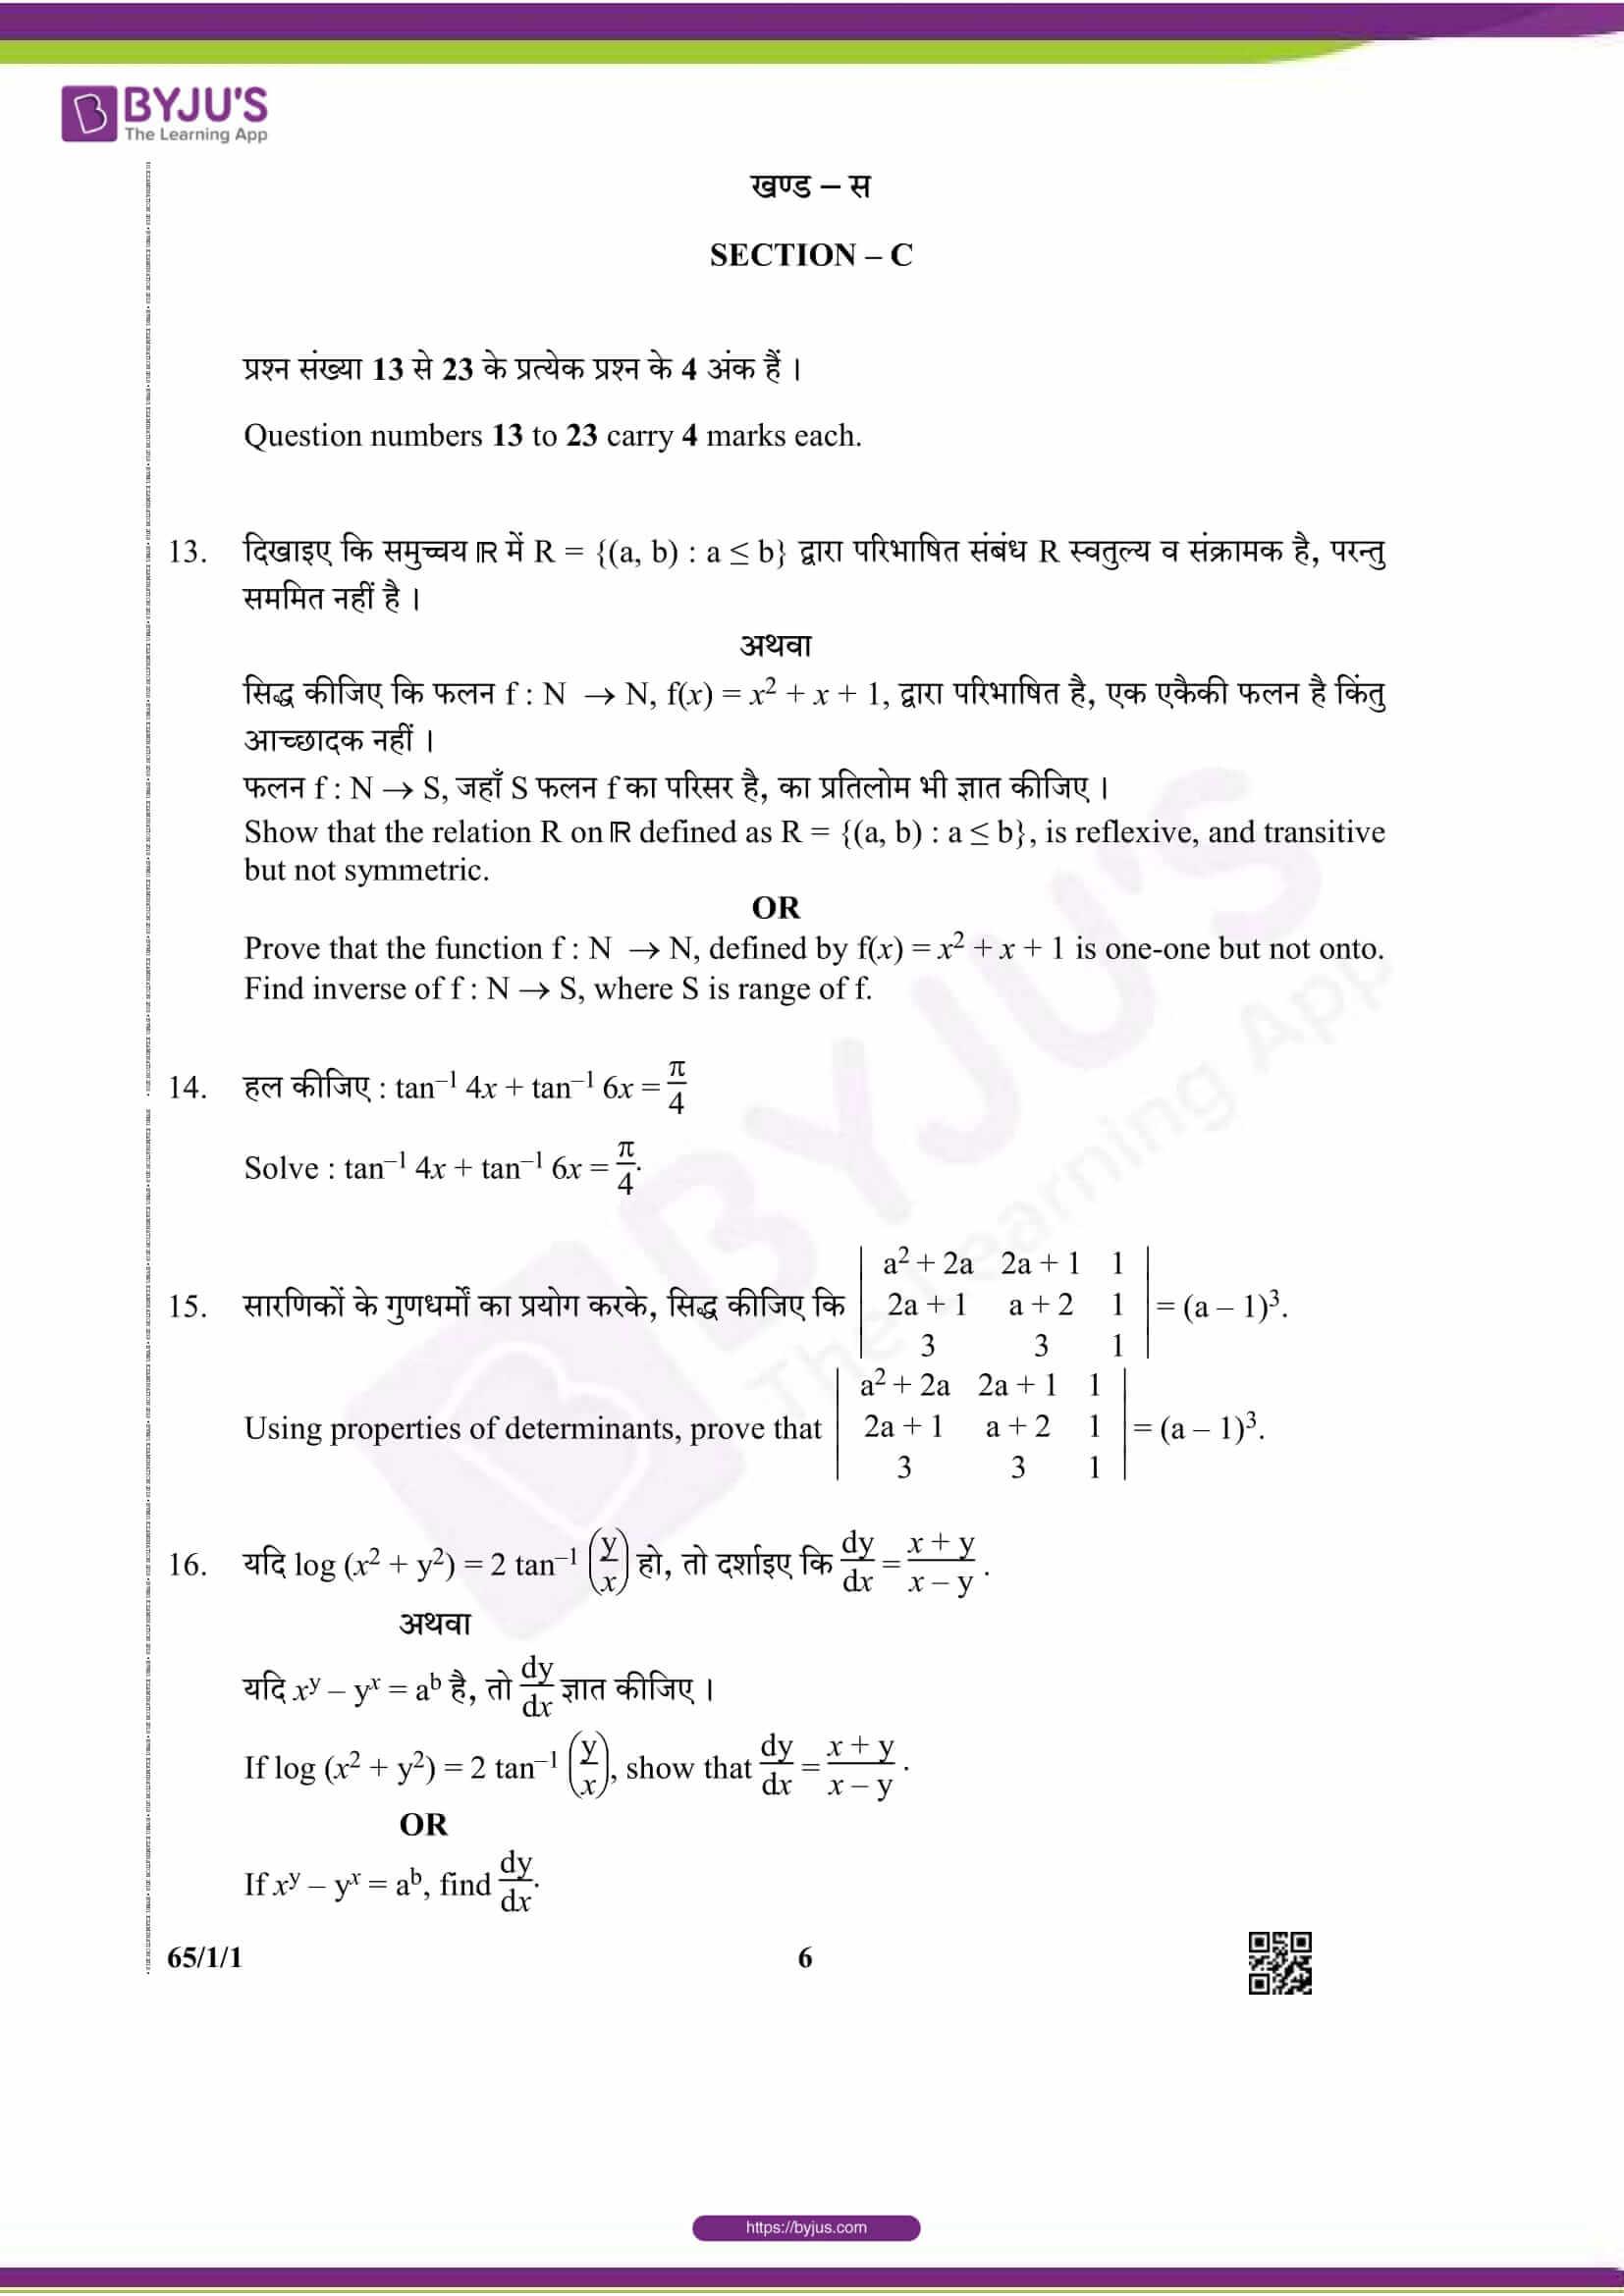 cbse class 12 maths 2019 question paper set 1